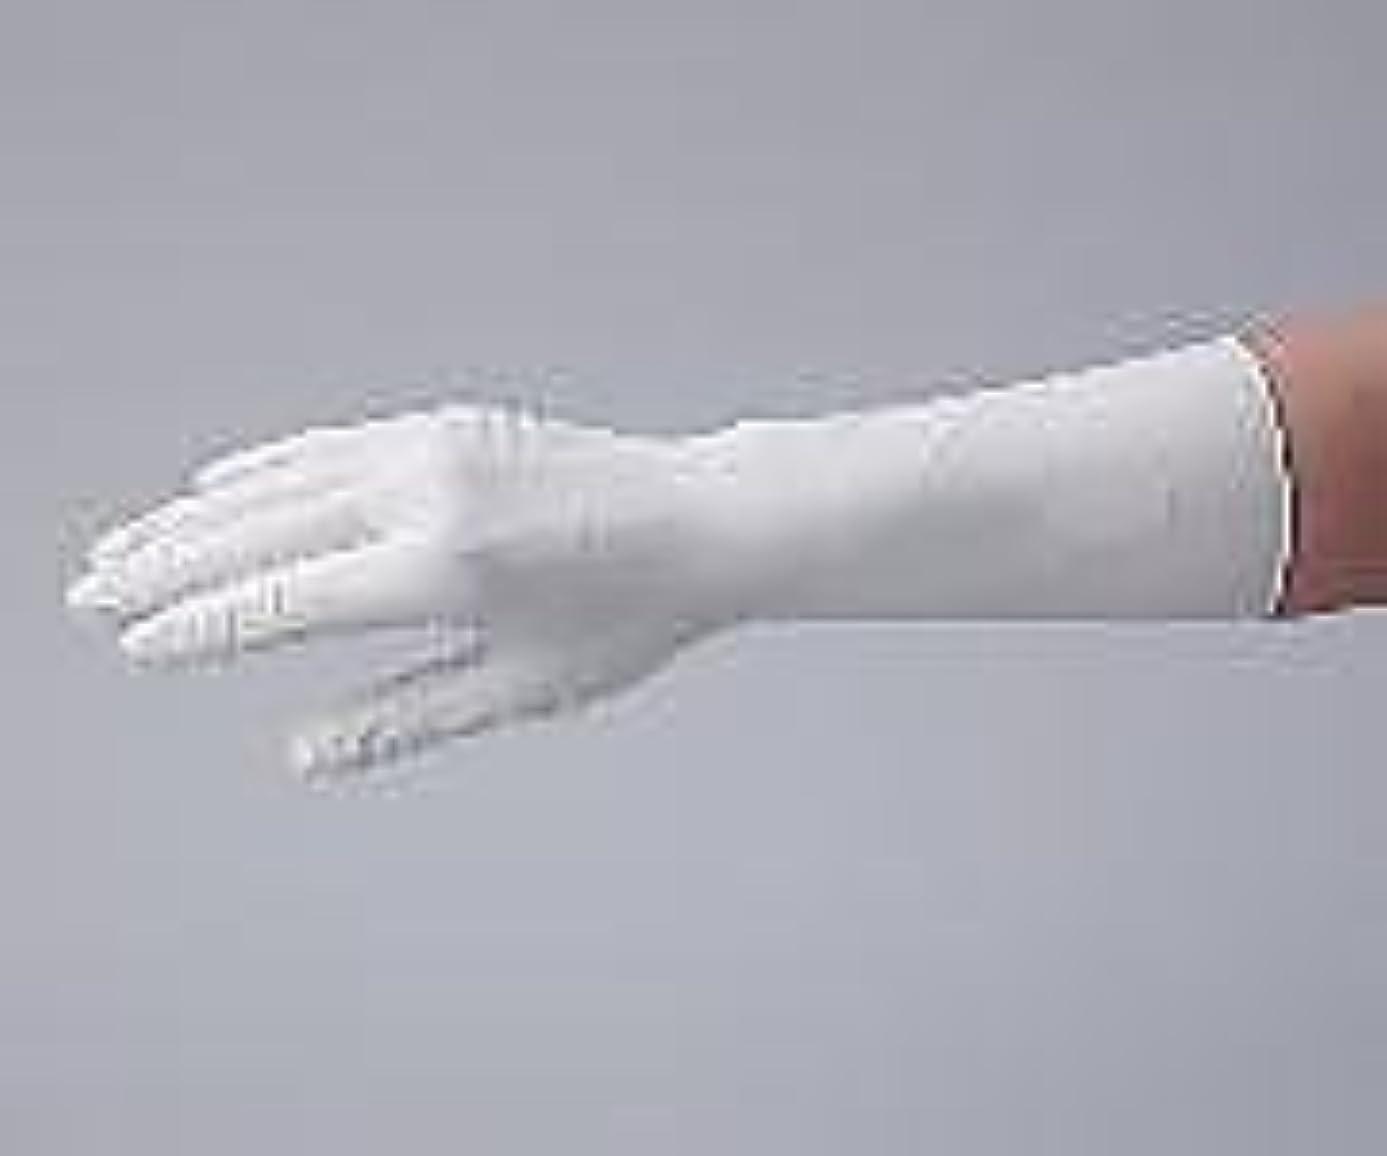 癒す打たれたトラック体操選手アズピュア(アズワン)1-2324-53アズピュアクリーンファーストニトリル手袋(ペアタイプ)クリーンパックM左右各50枚×10袋入